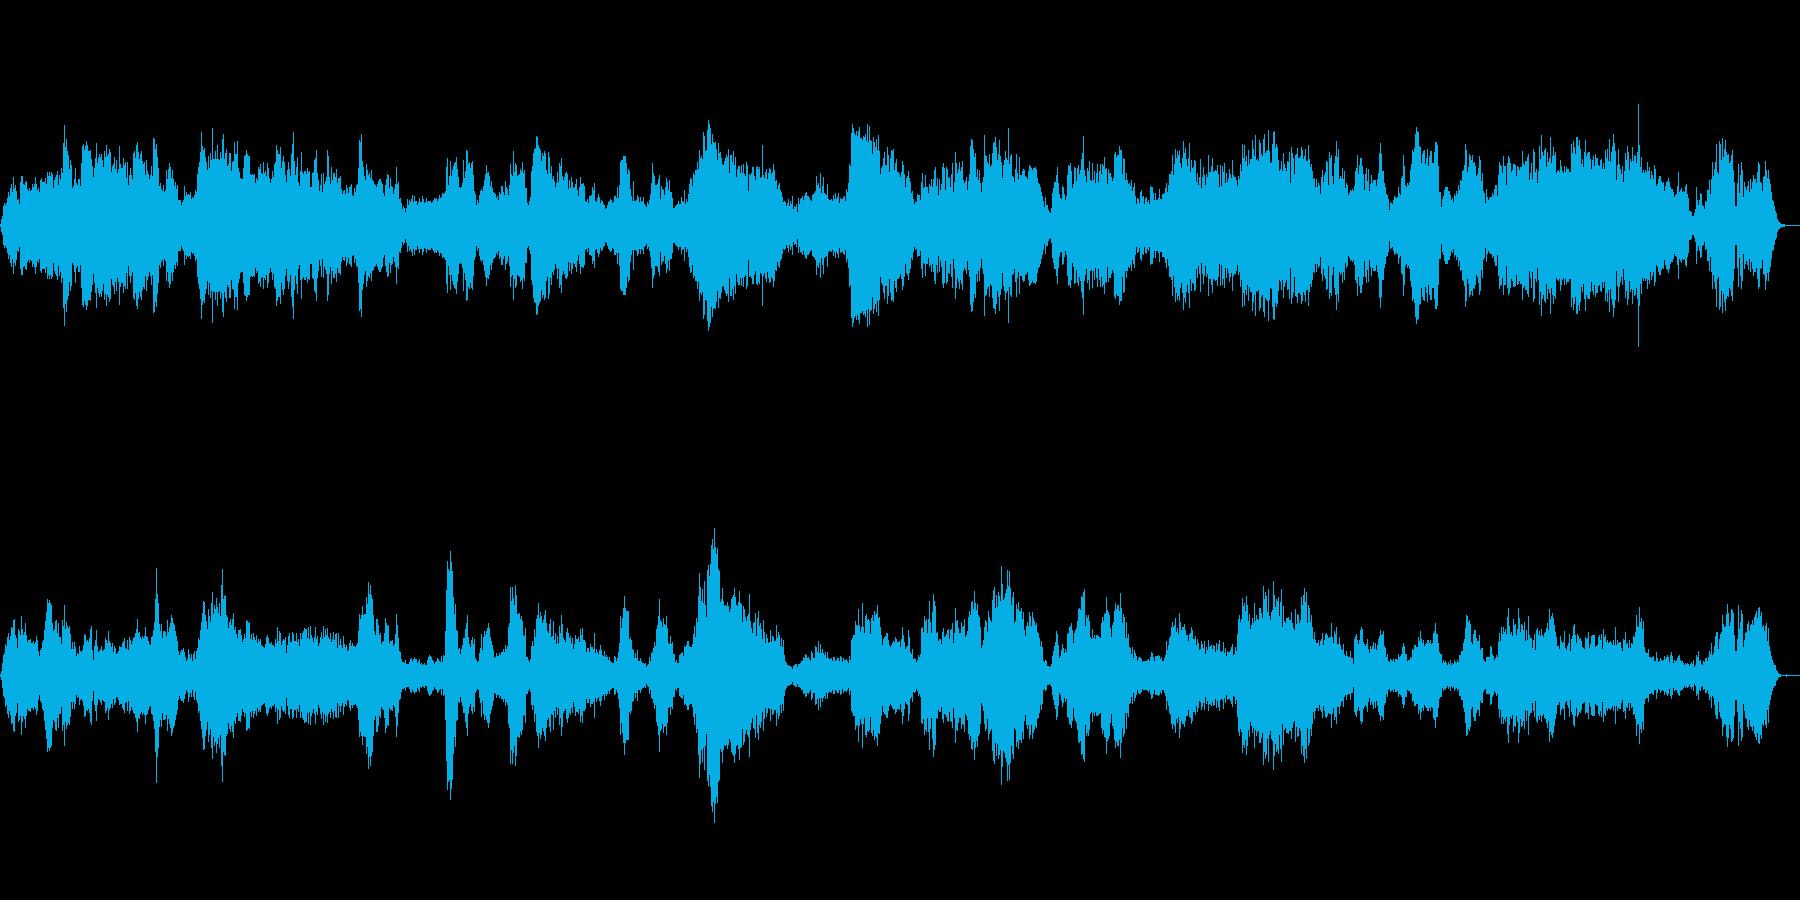 合戦・剣戟・戦闘・格闘・乱闘の声02の再生済みの波形